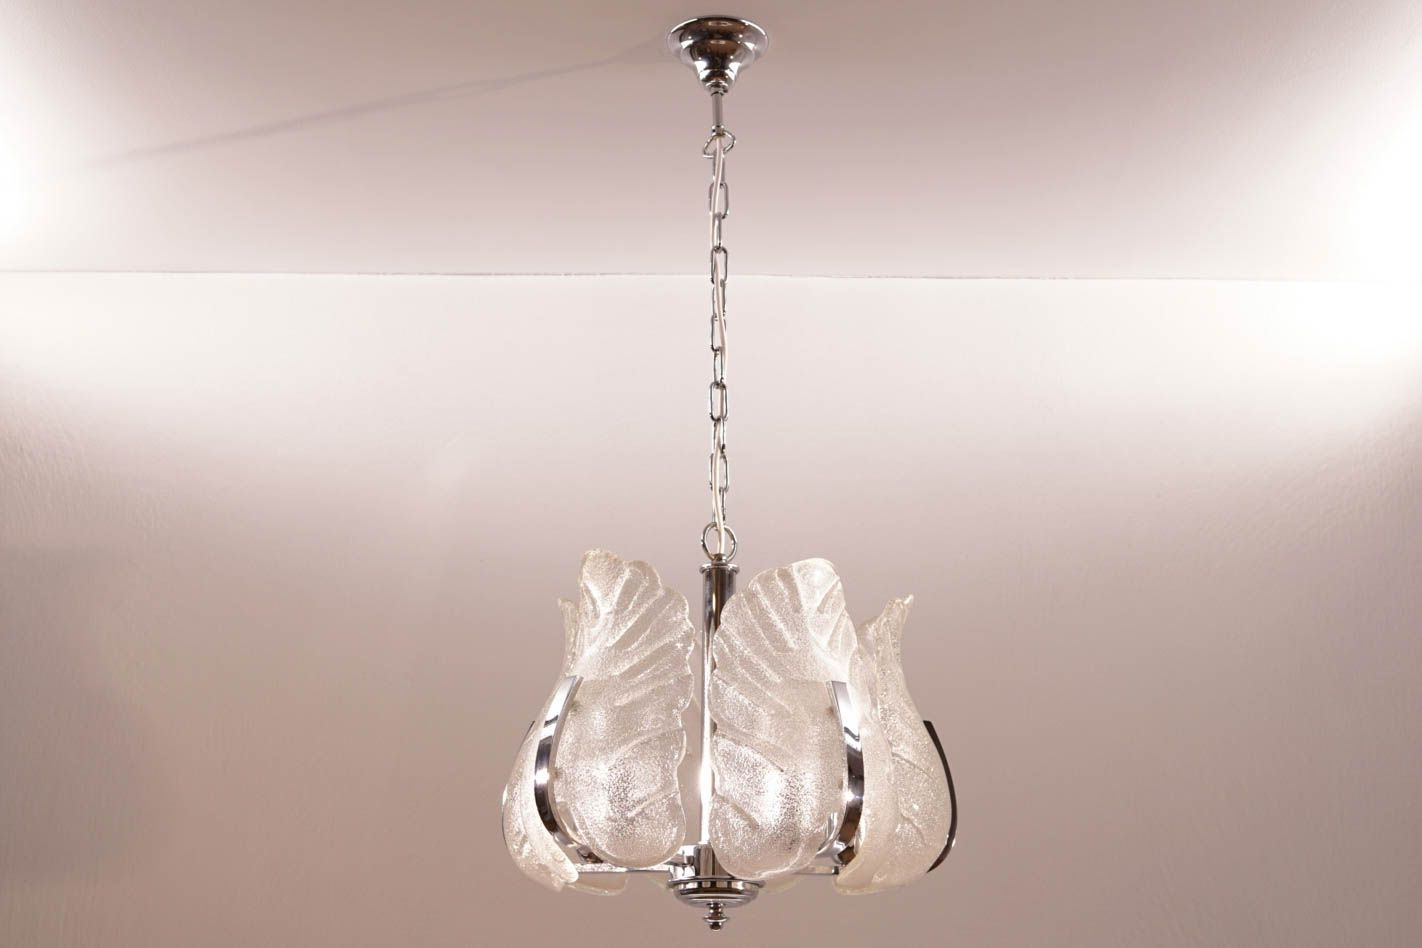 vintage kronleuchter aus chrom murano glas von carl fagerlund f r orrefors bei pamono kaufen. Black Bedroom Furniture Sets. Home Design Ideas